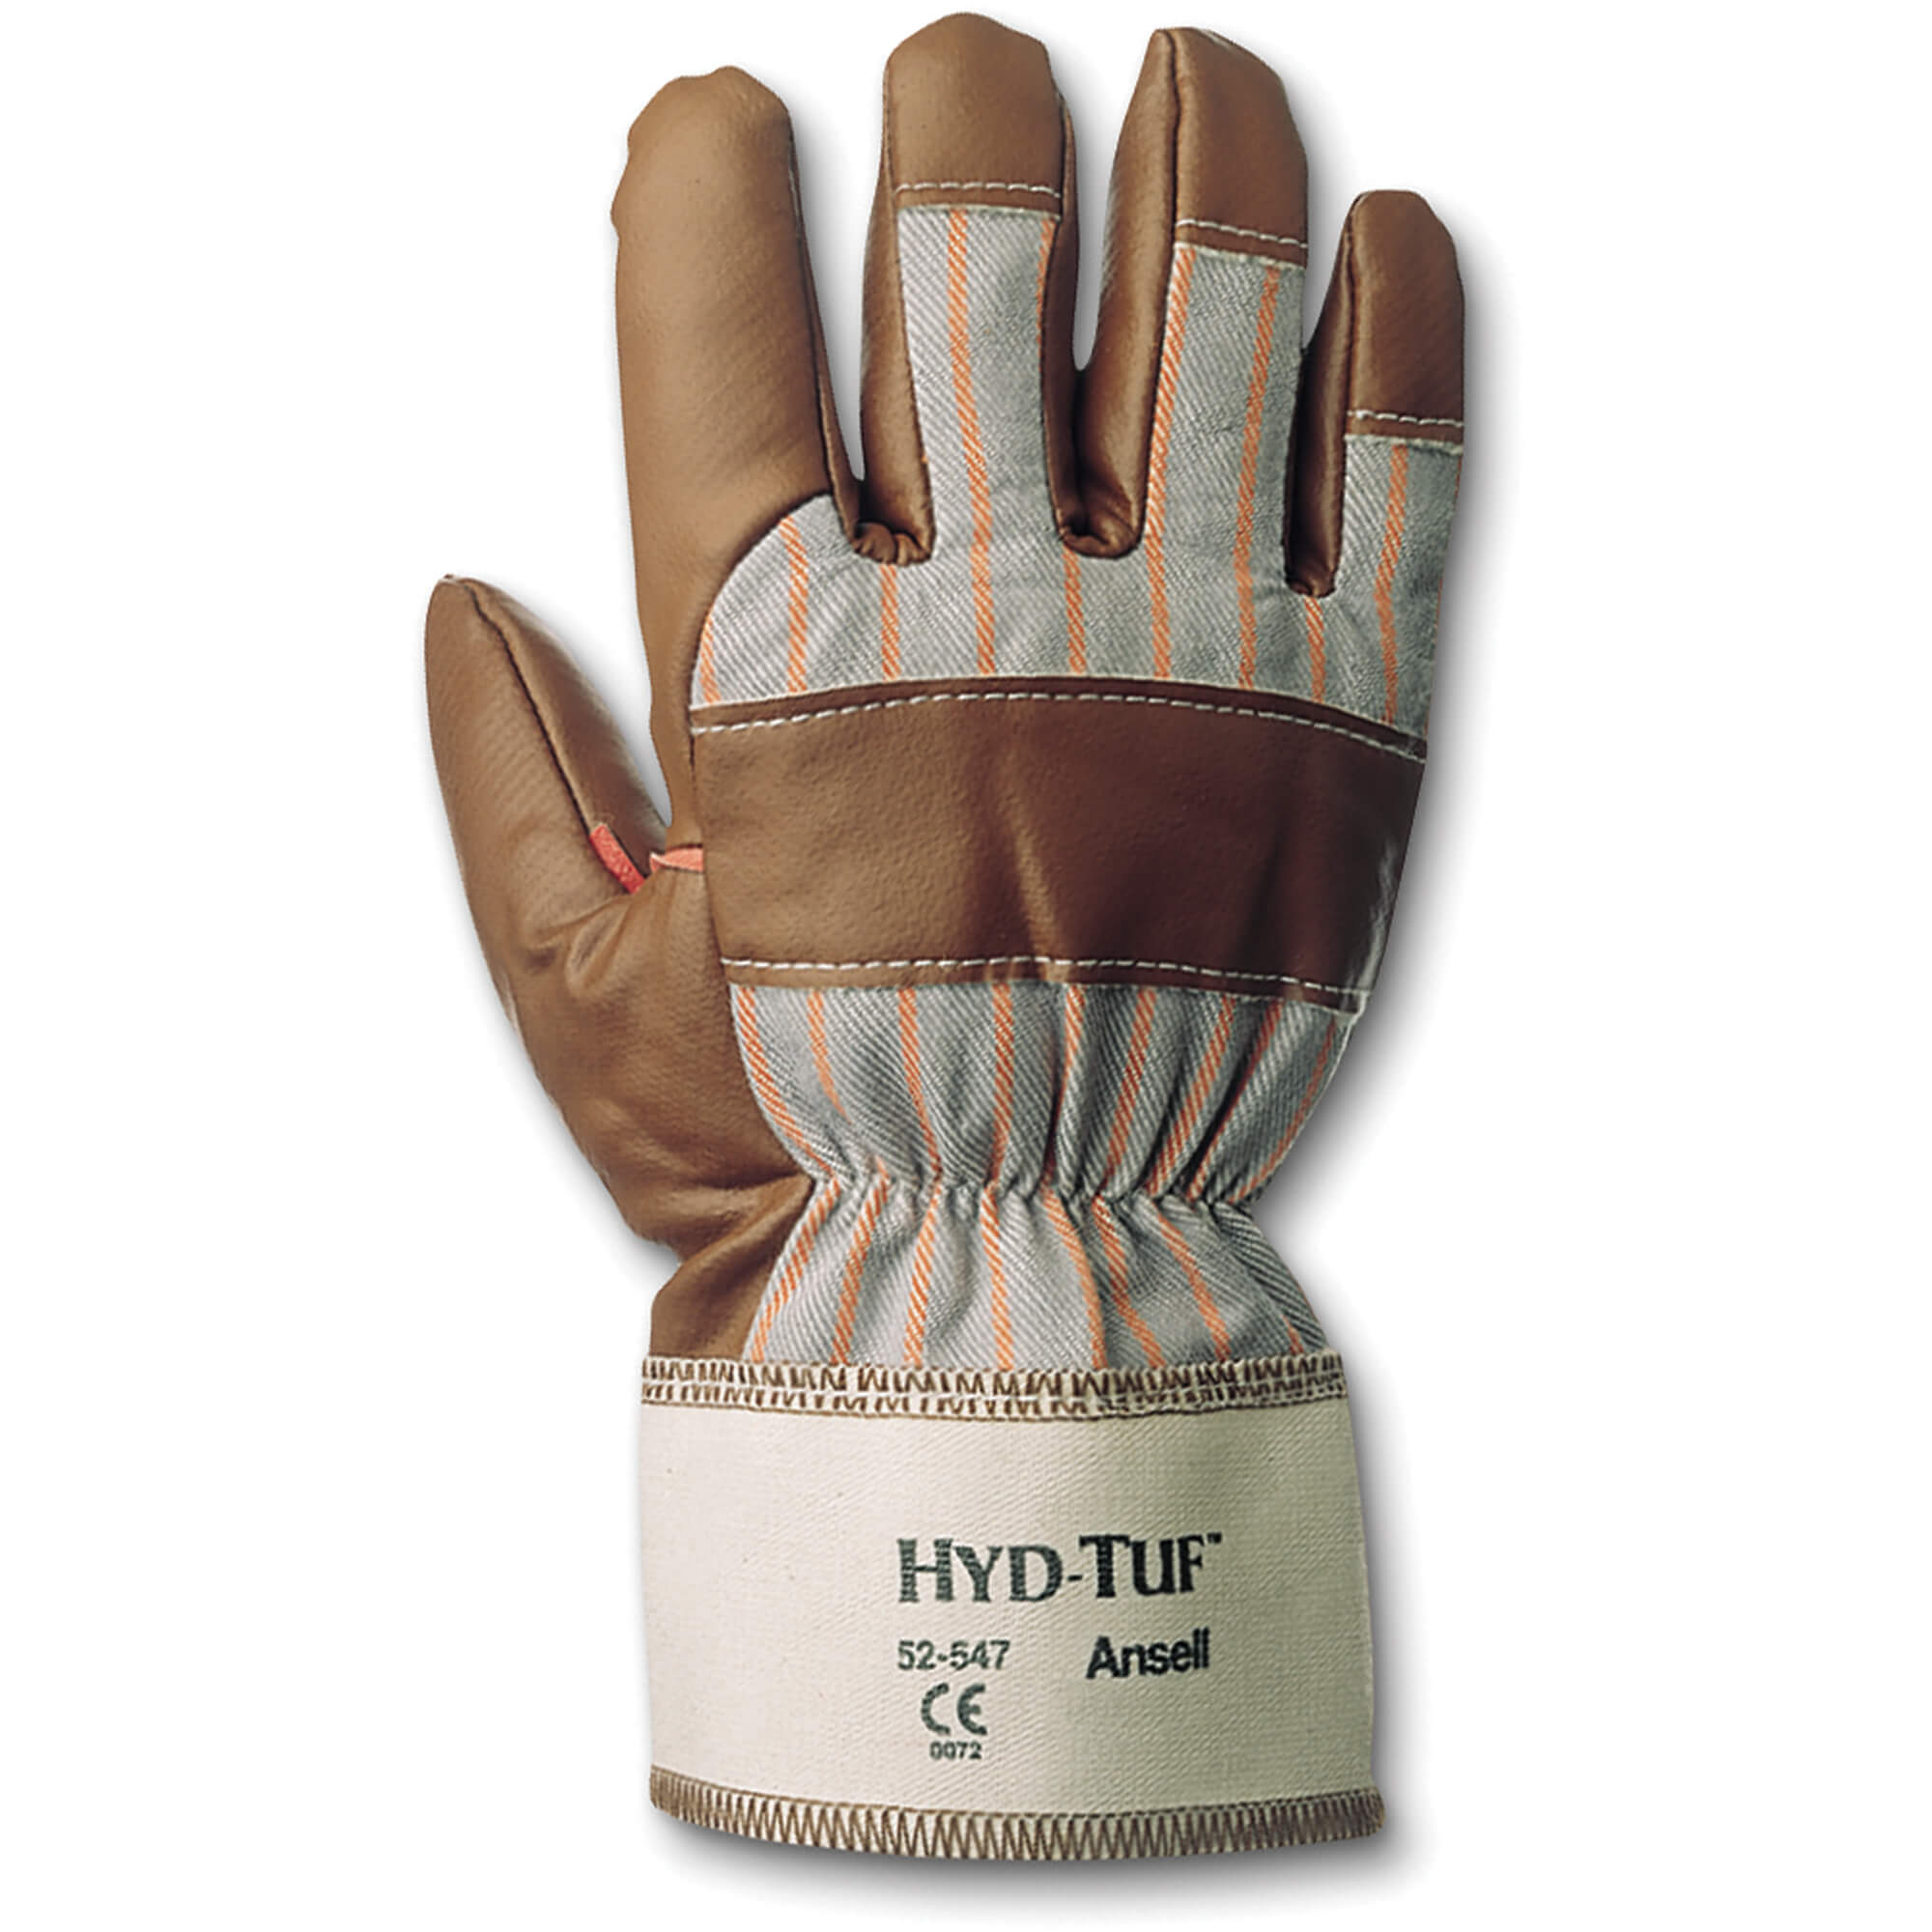 Gloves - Hyd - Tuff 52-547